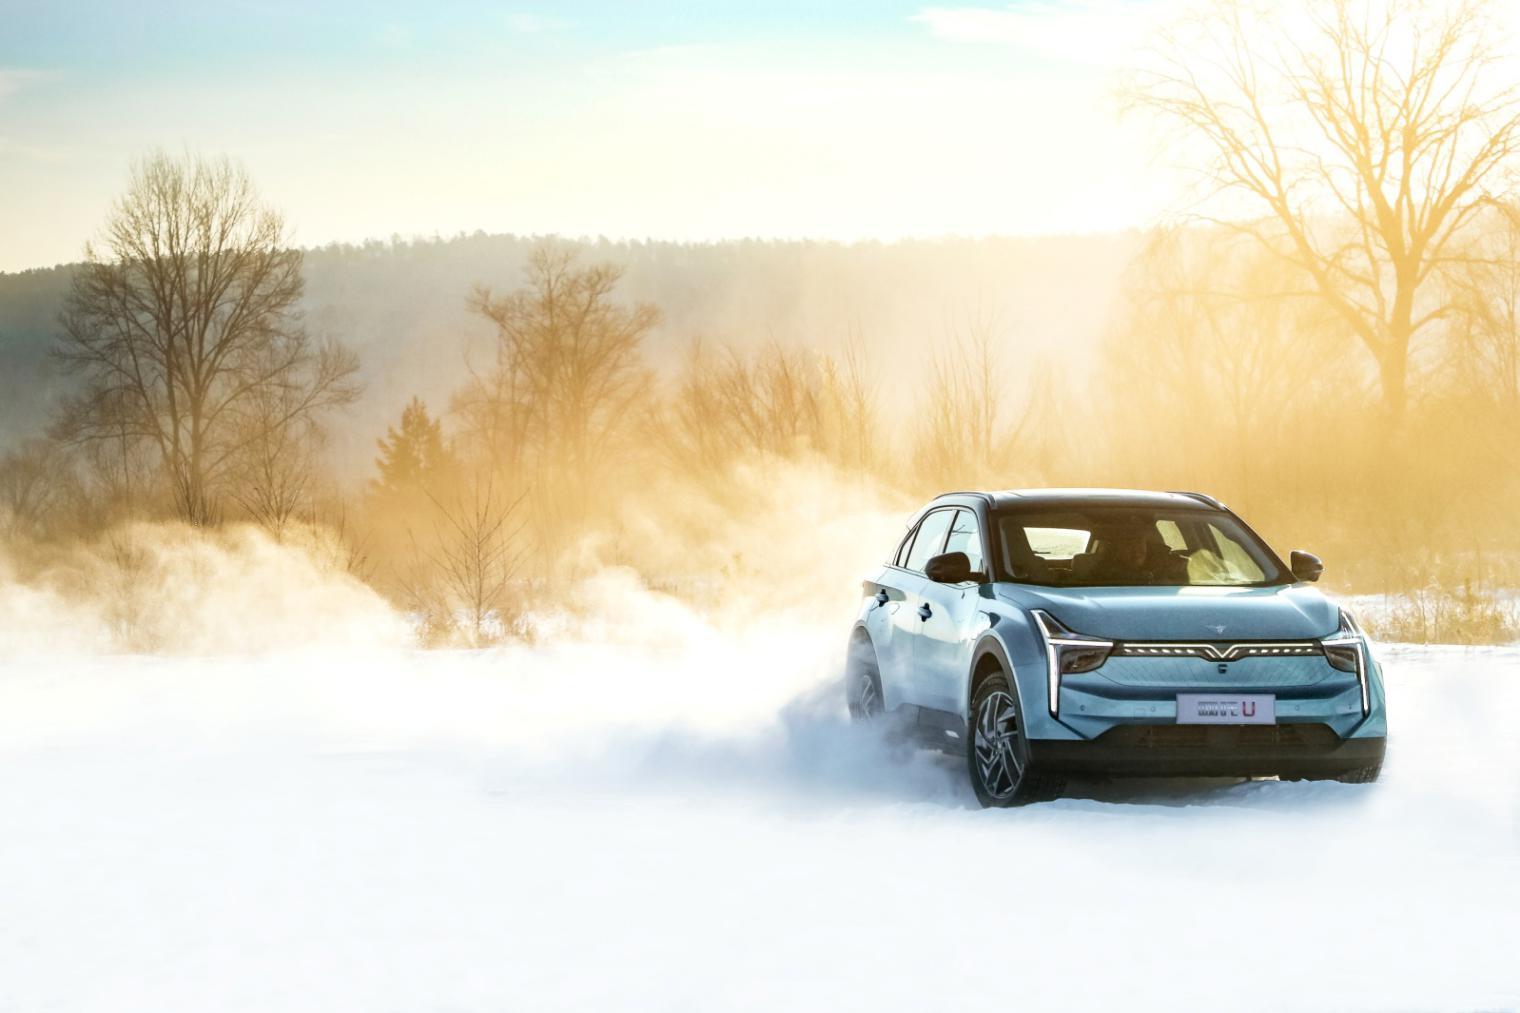 雪地里行驶的汽车 描述已自动生成